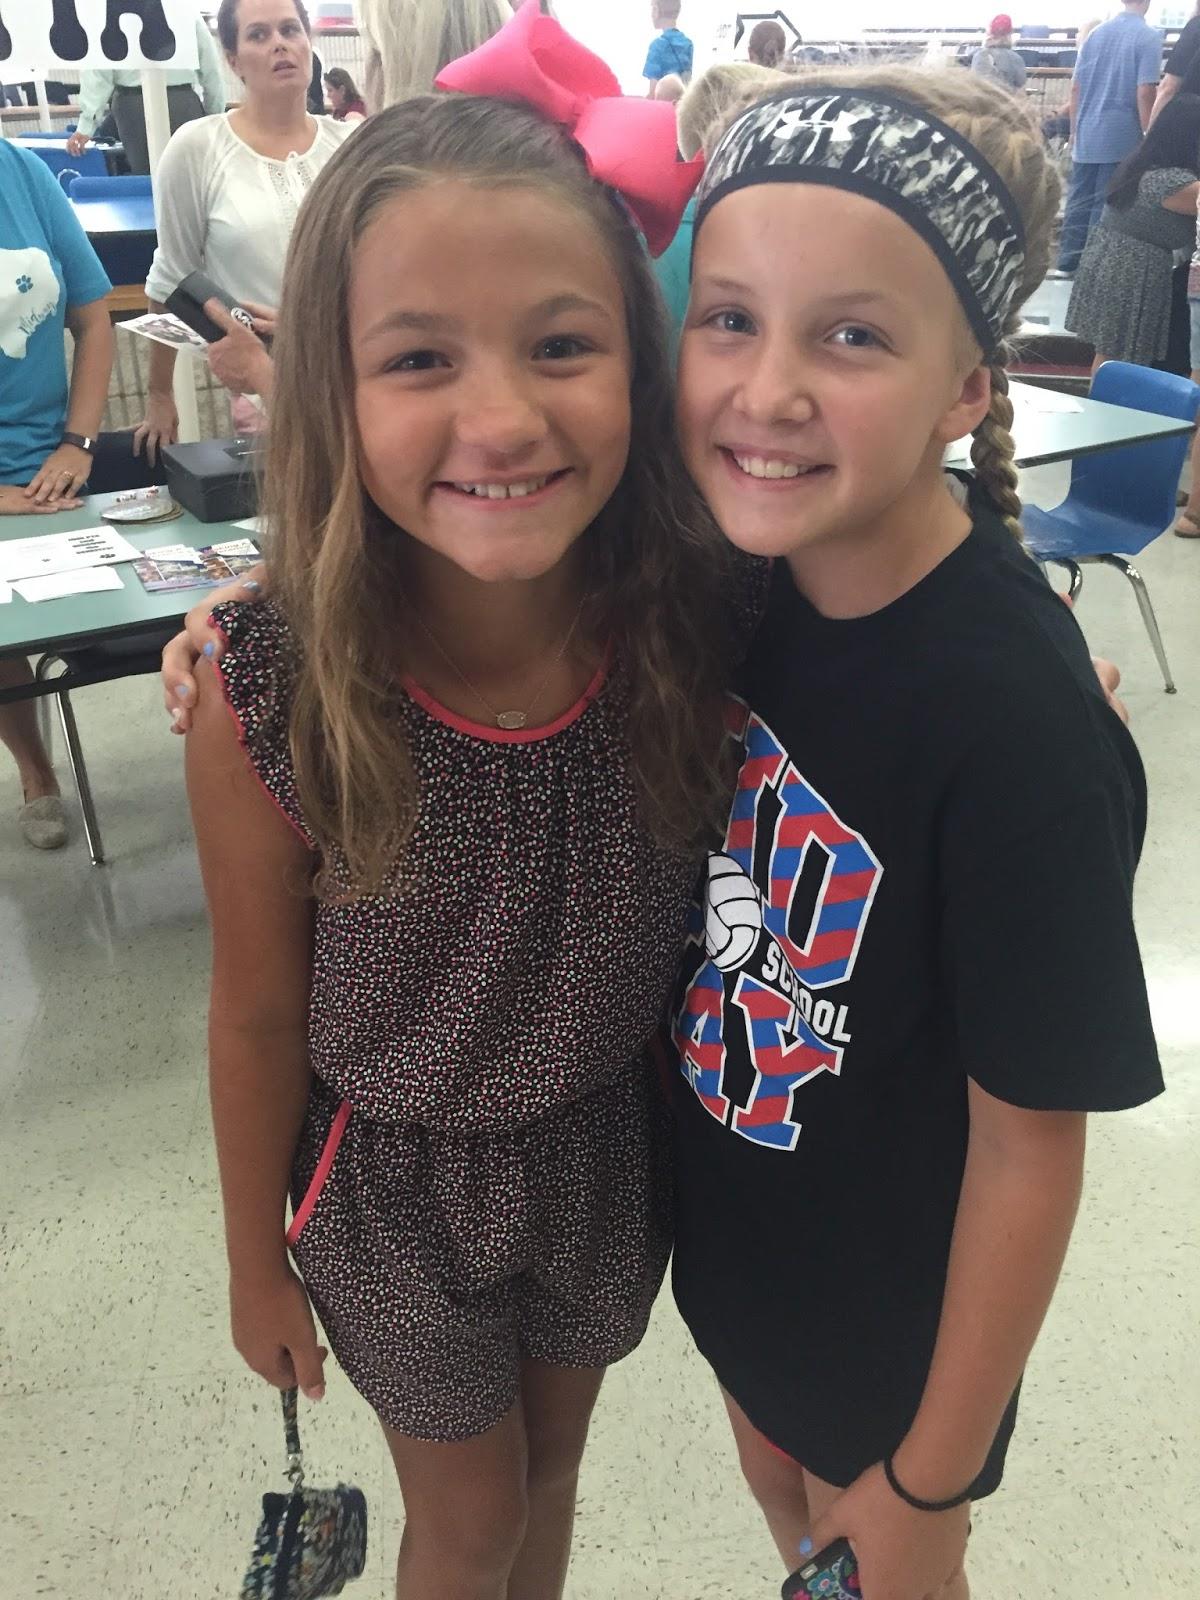 6th grader dating a 9th grader